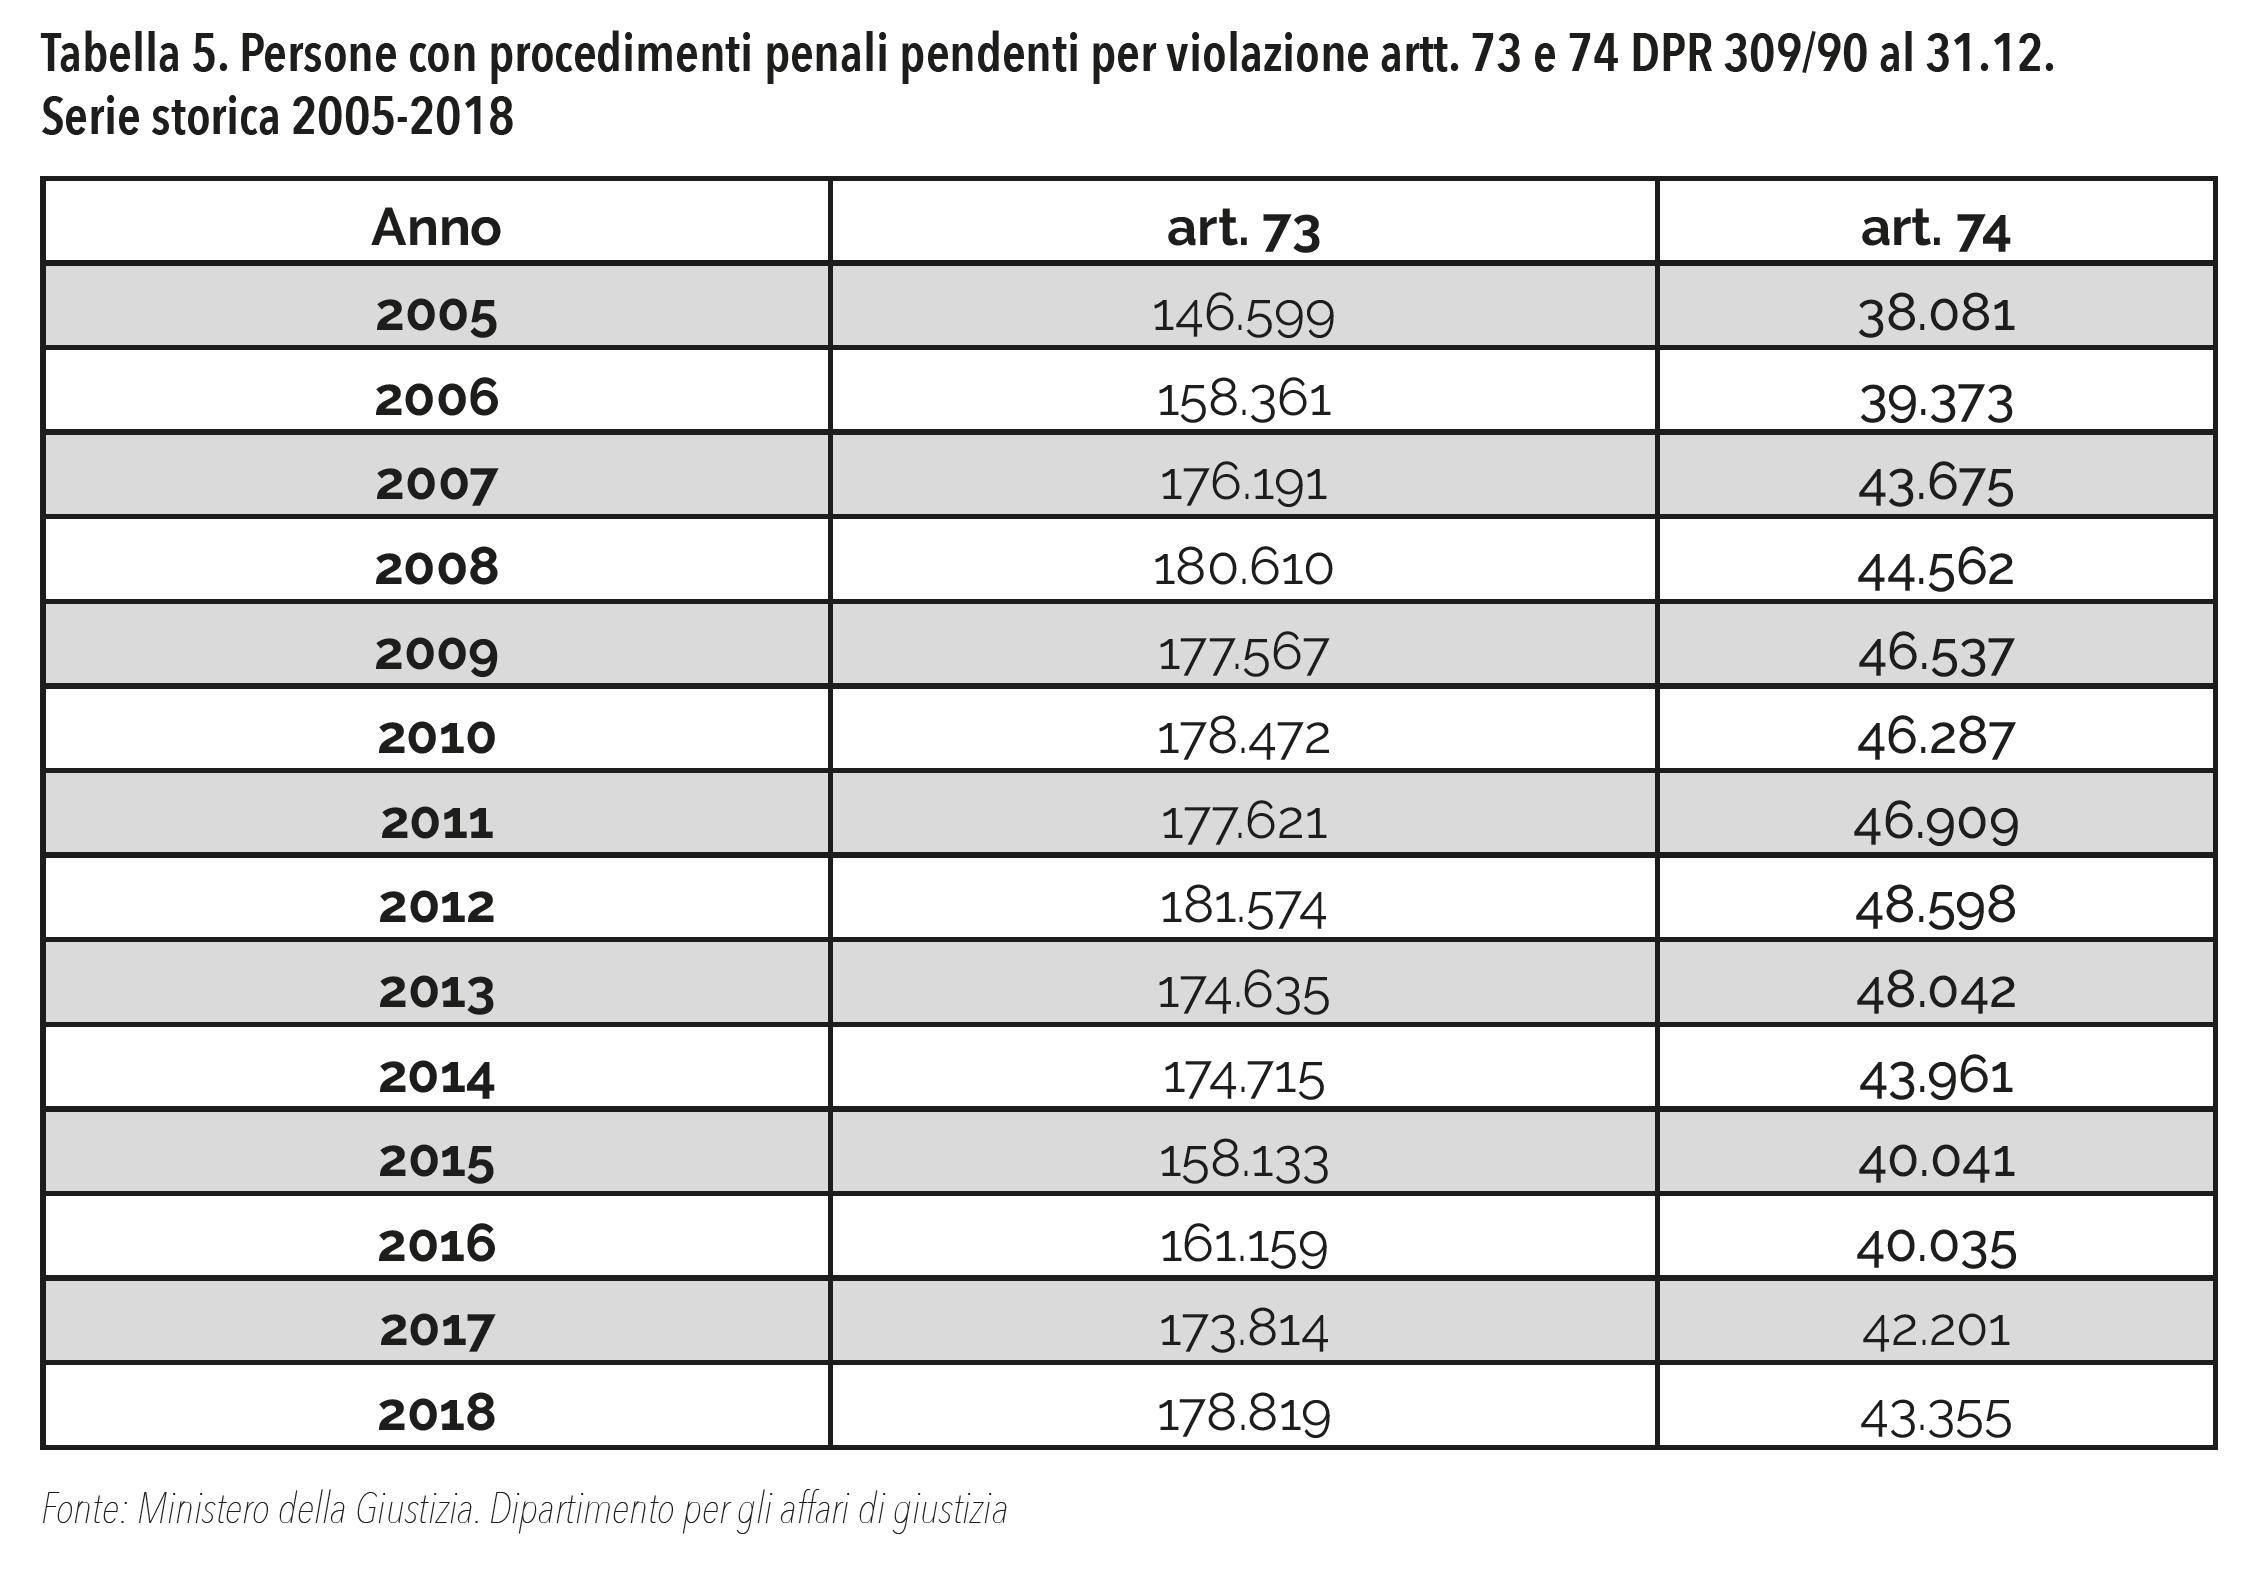 Tabella 5. Persone con procedimenti penali pendenti per violazione artt. 73 e 74 DPR 309/90 al 31.12. Serie storica 2005-2018